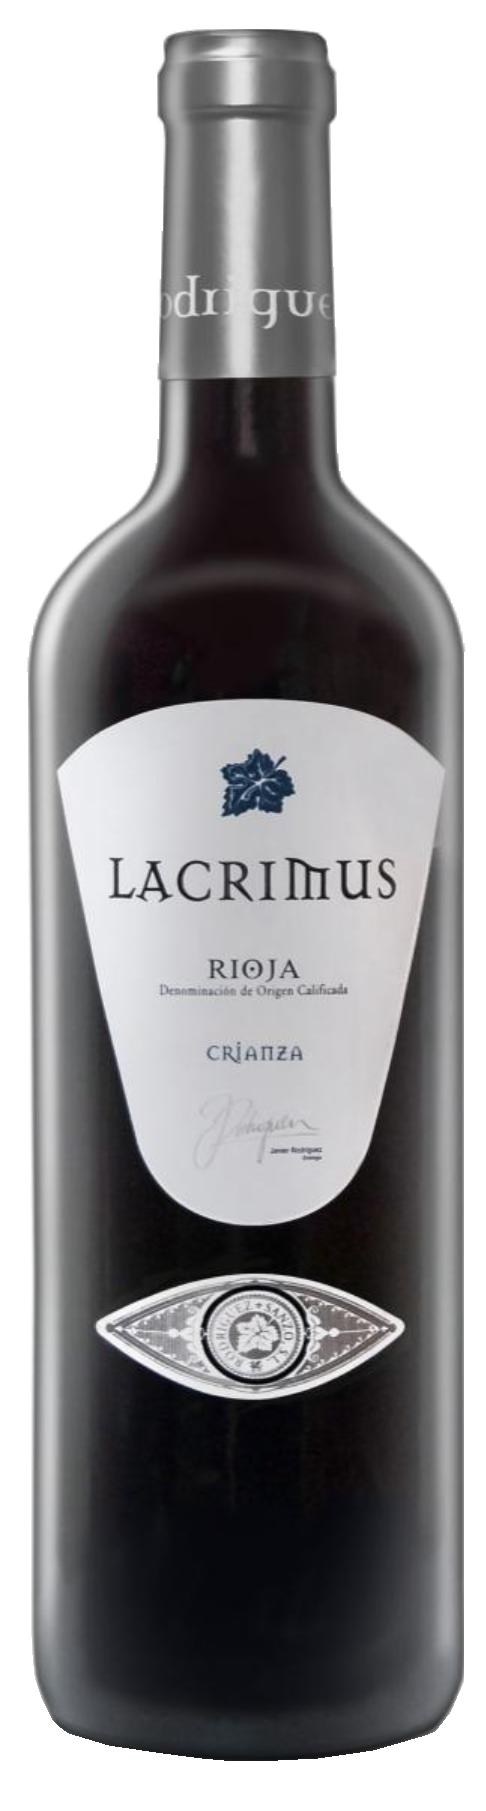 Lacrimus crianza 2014